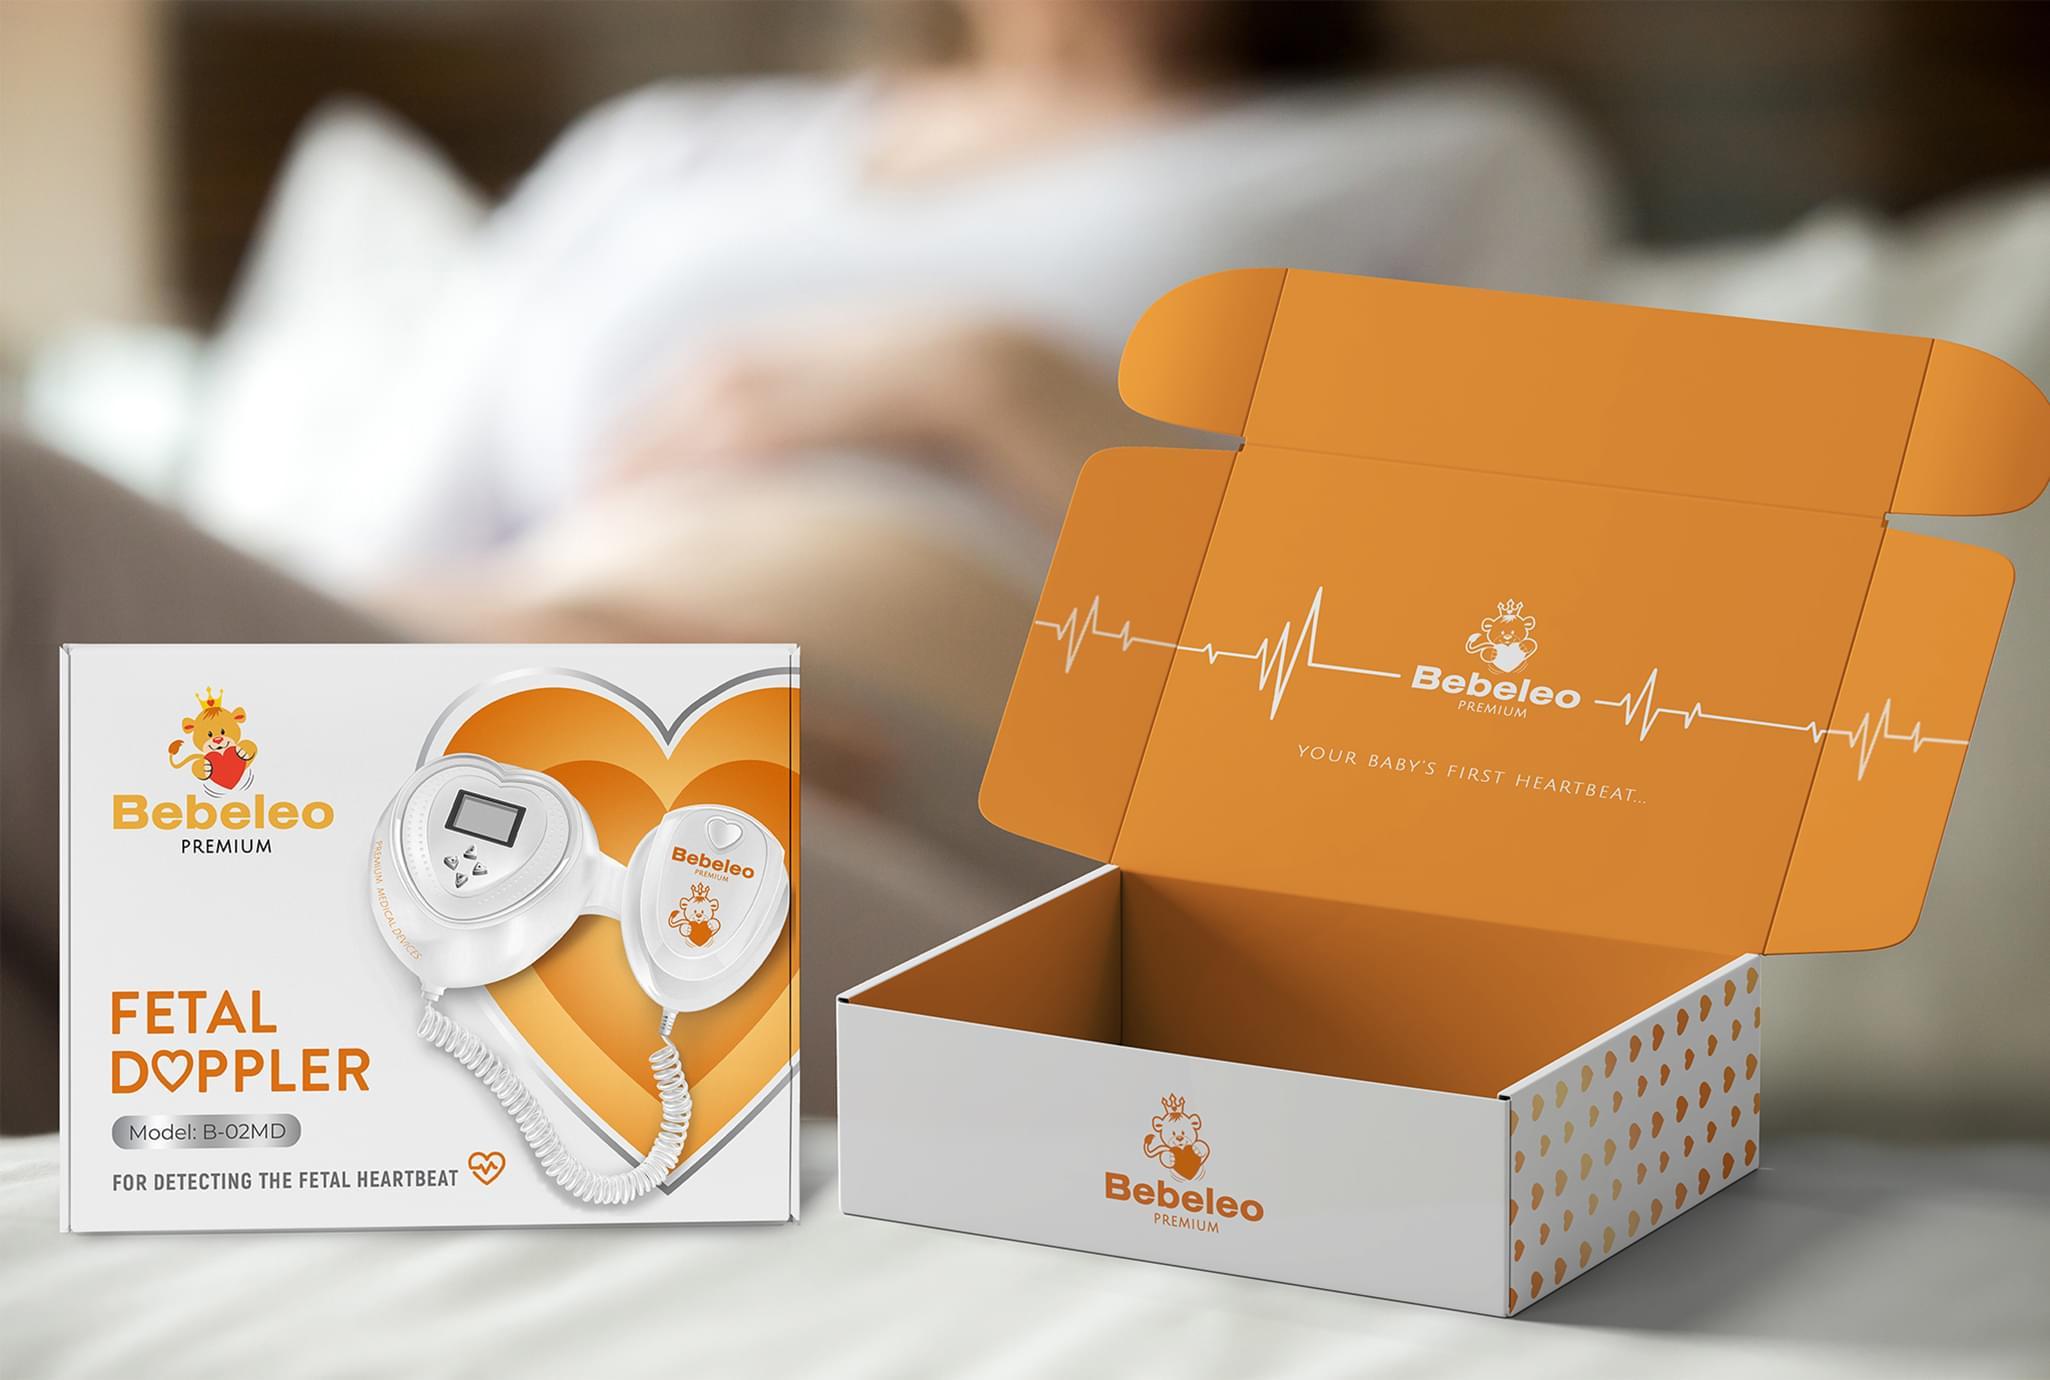 BEBELEO Packaging